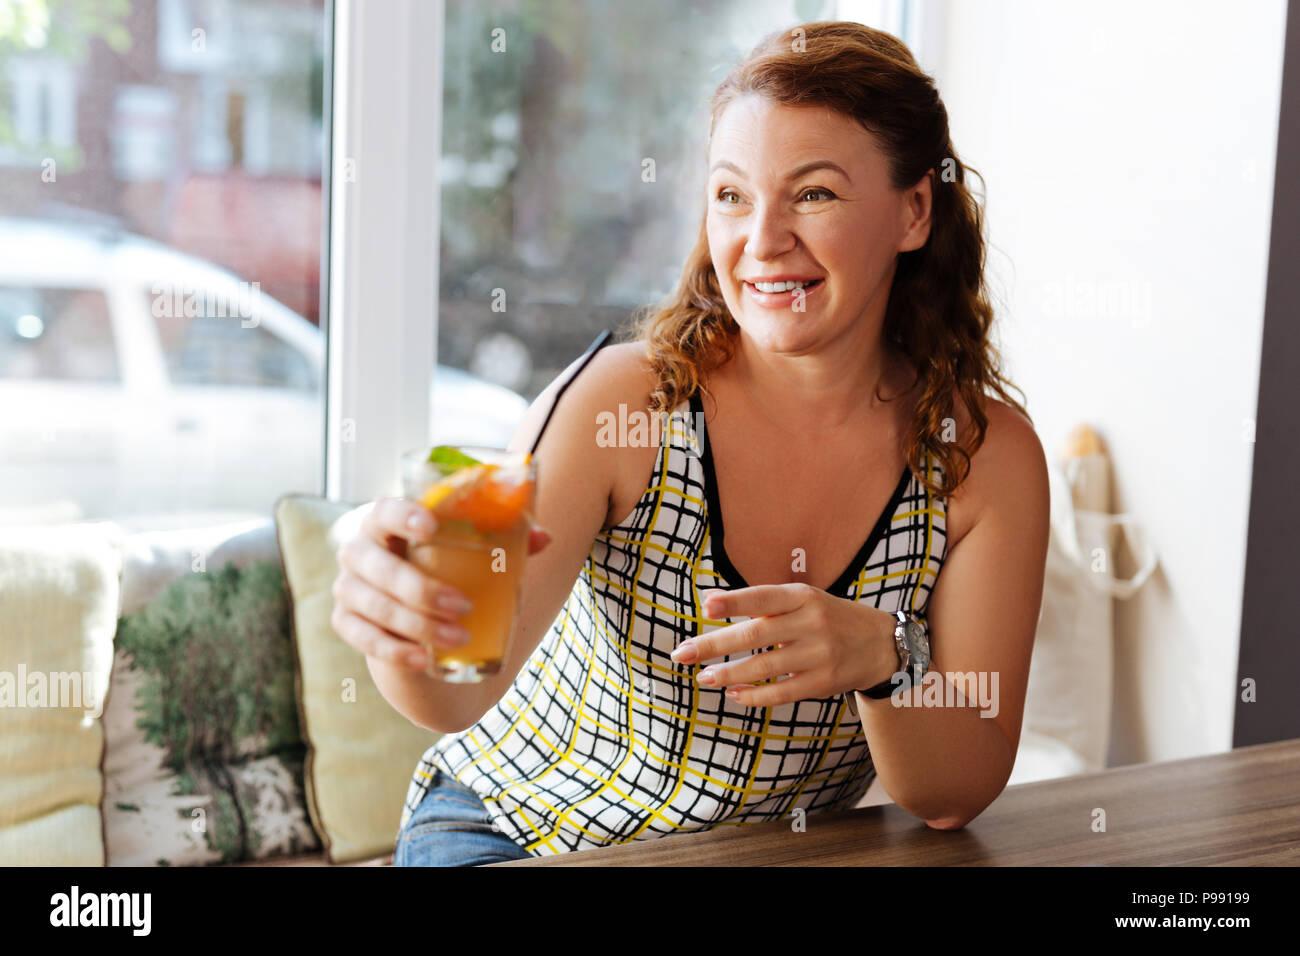 Transmisión pelirroja mujer beber un cóctel en el restaurante Imagen De Stock